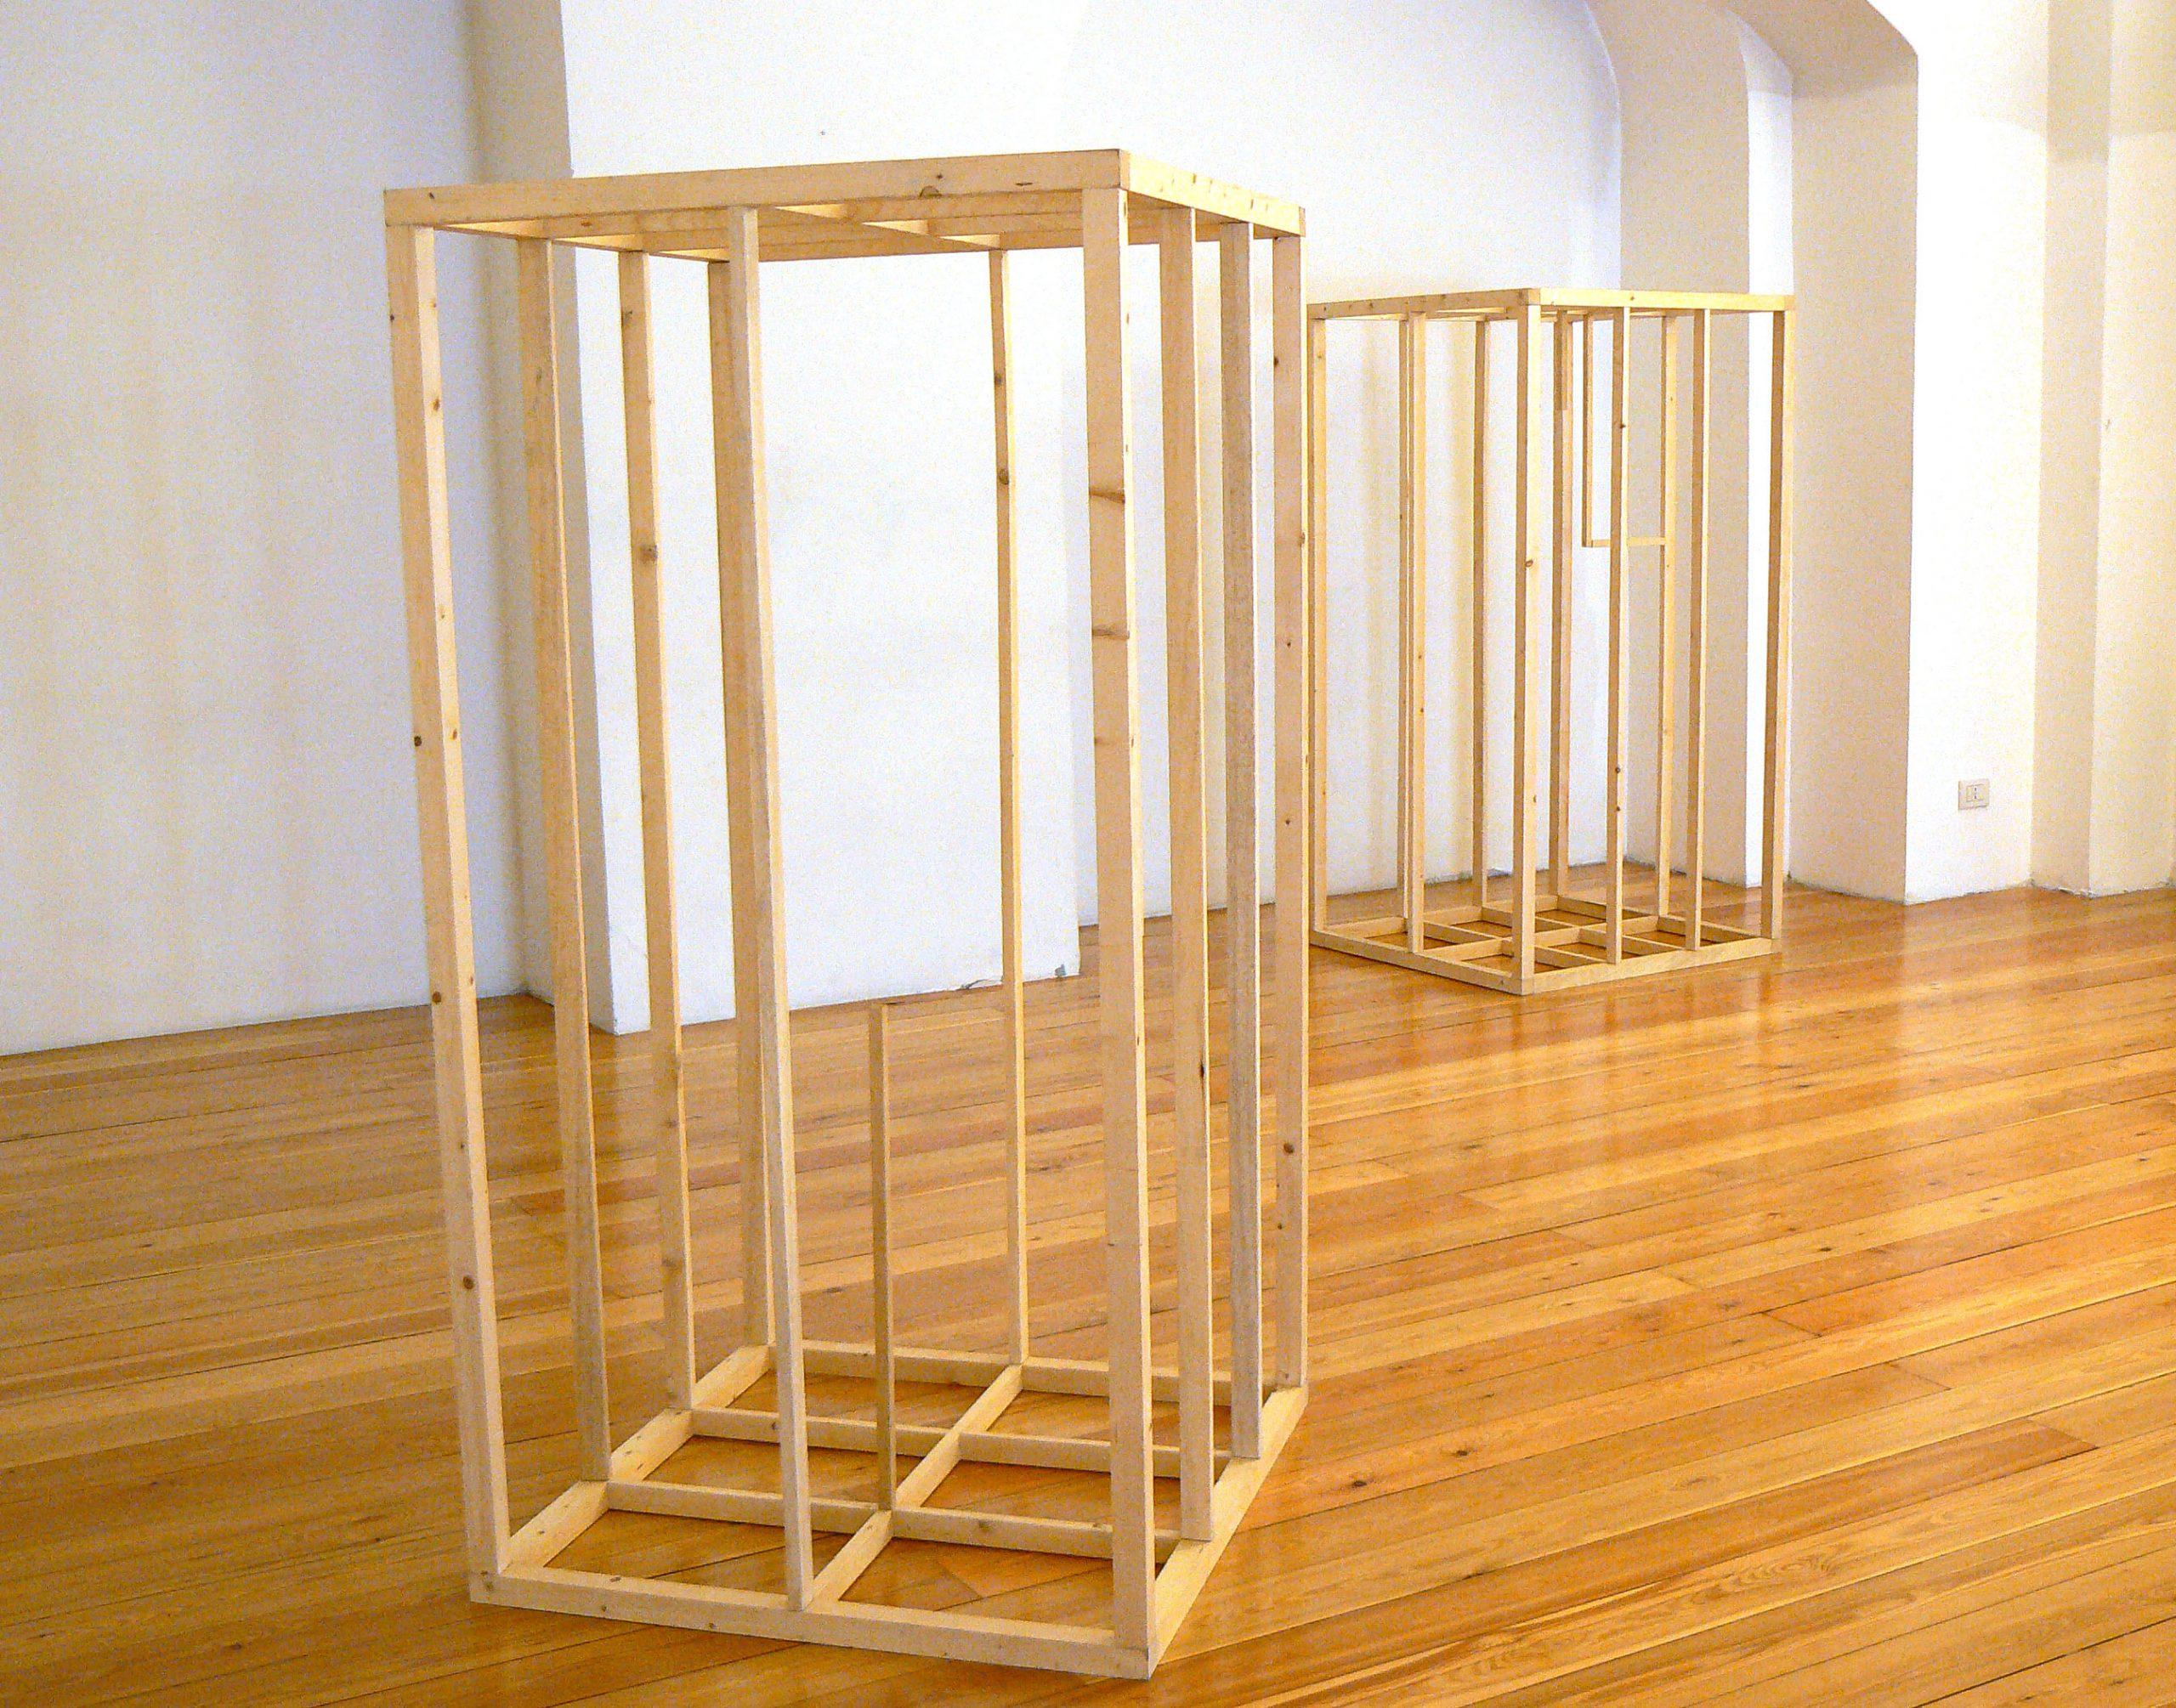 Giulia-Gallo-Architettura-molto-personale-legno-wood-dimensioni-variabili-2013